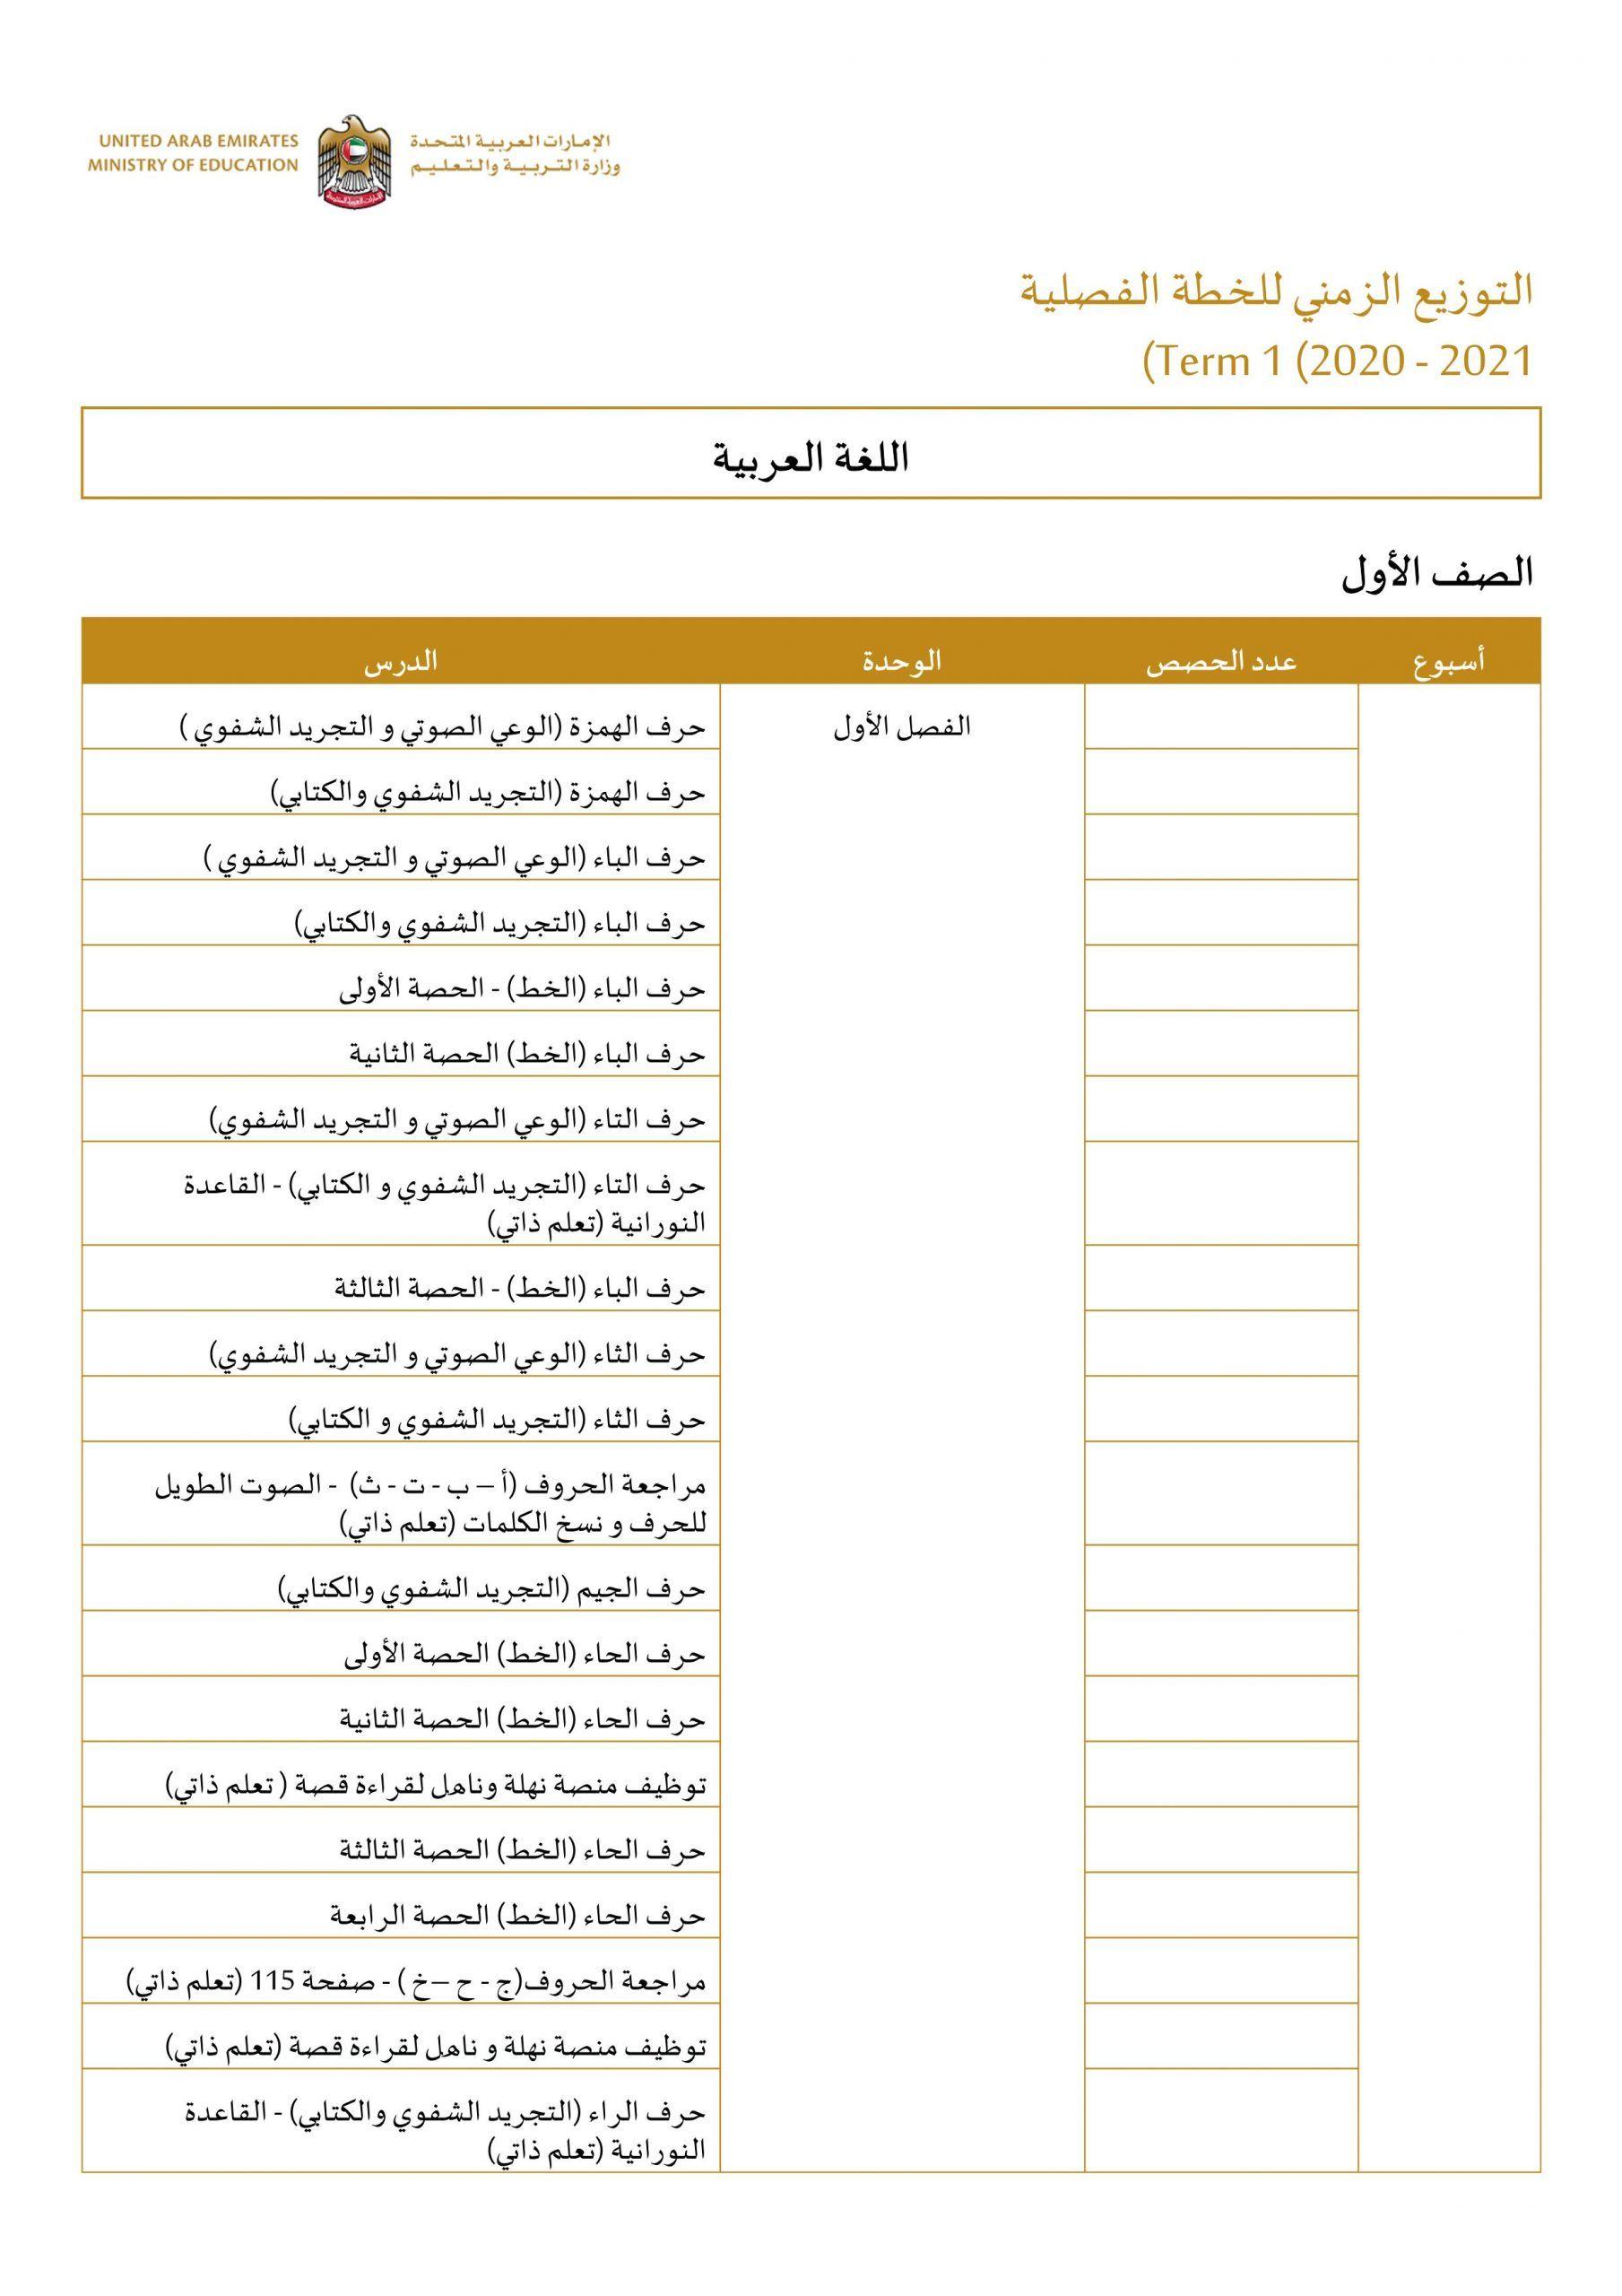 التوزيع الزمني للخطة الفصلية 2020 2021 للصف الاول الى الثاني عشر مادة اللغة العربية United Arab Emirates The Unit Education